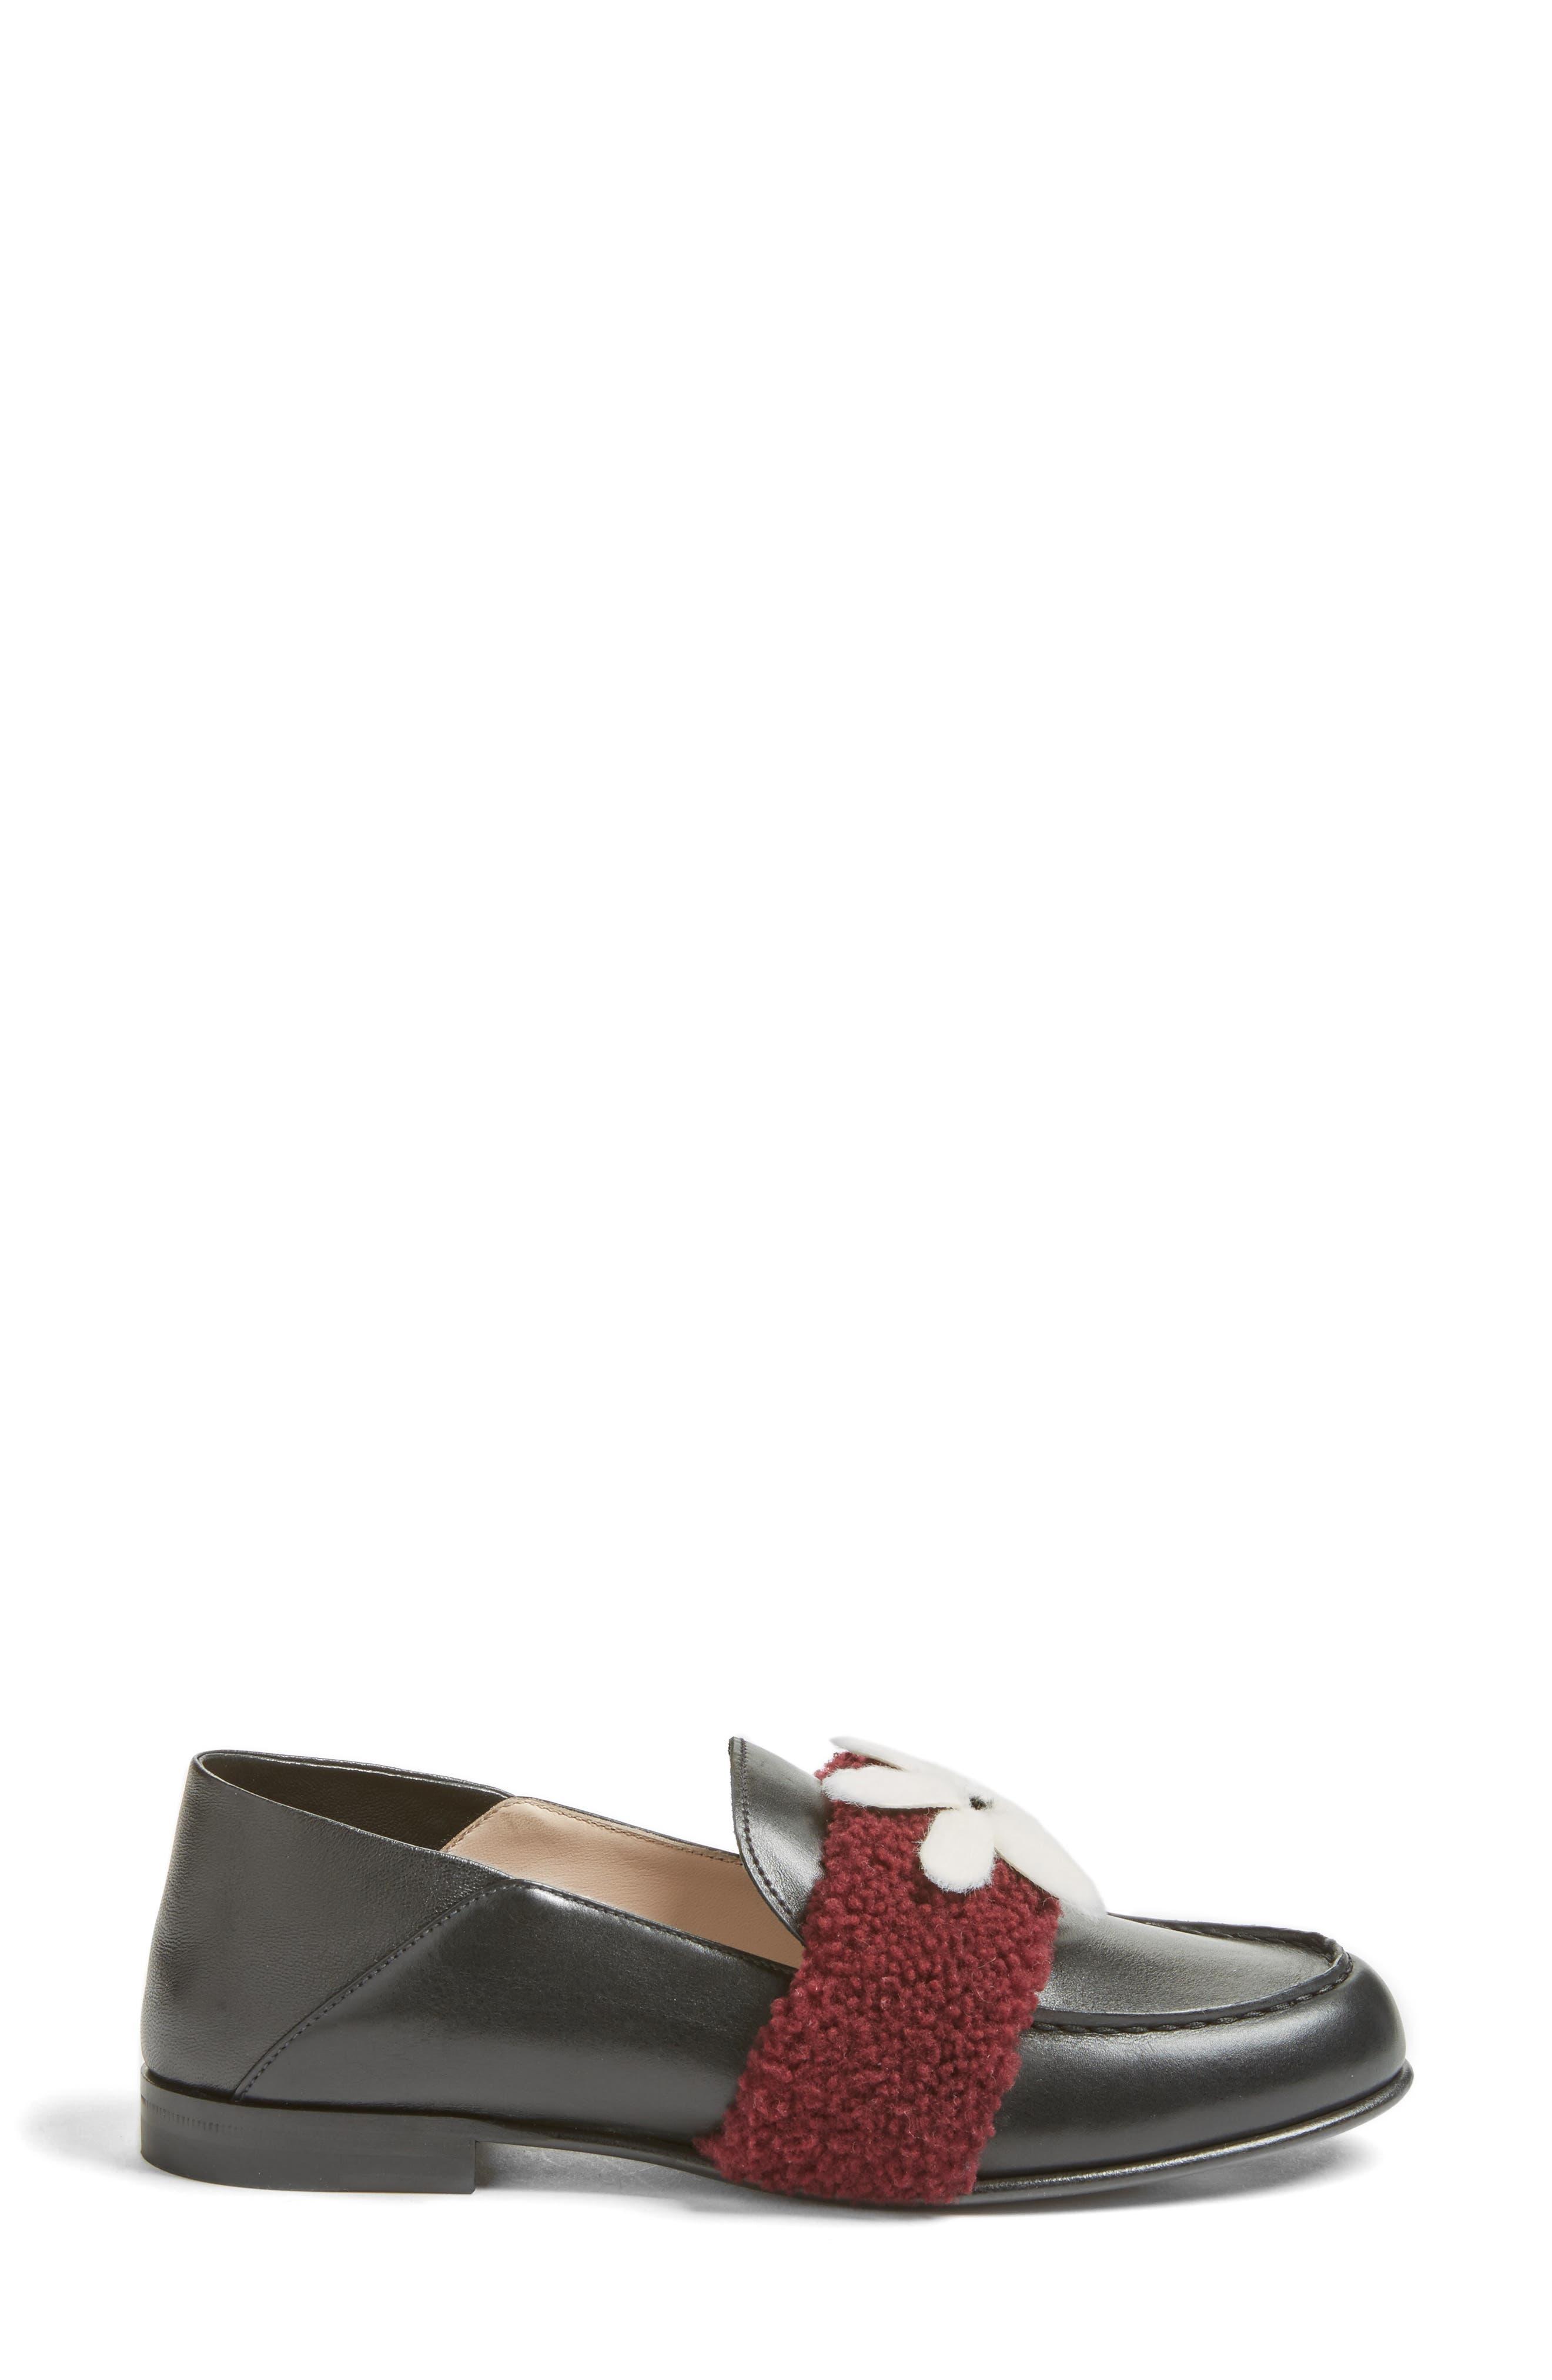 Alternate Image 3  - Fendi Genuine Shearling Slip-On Loafer (Women)